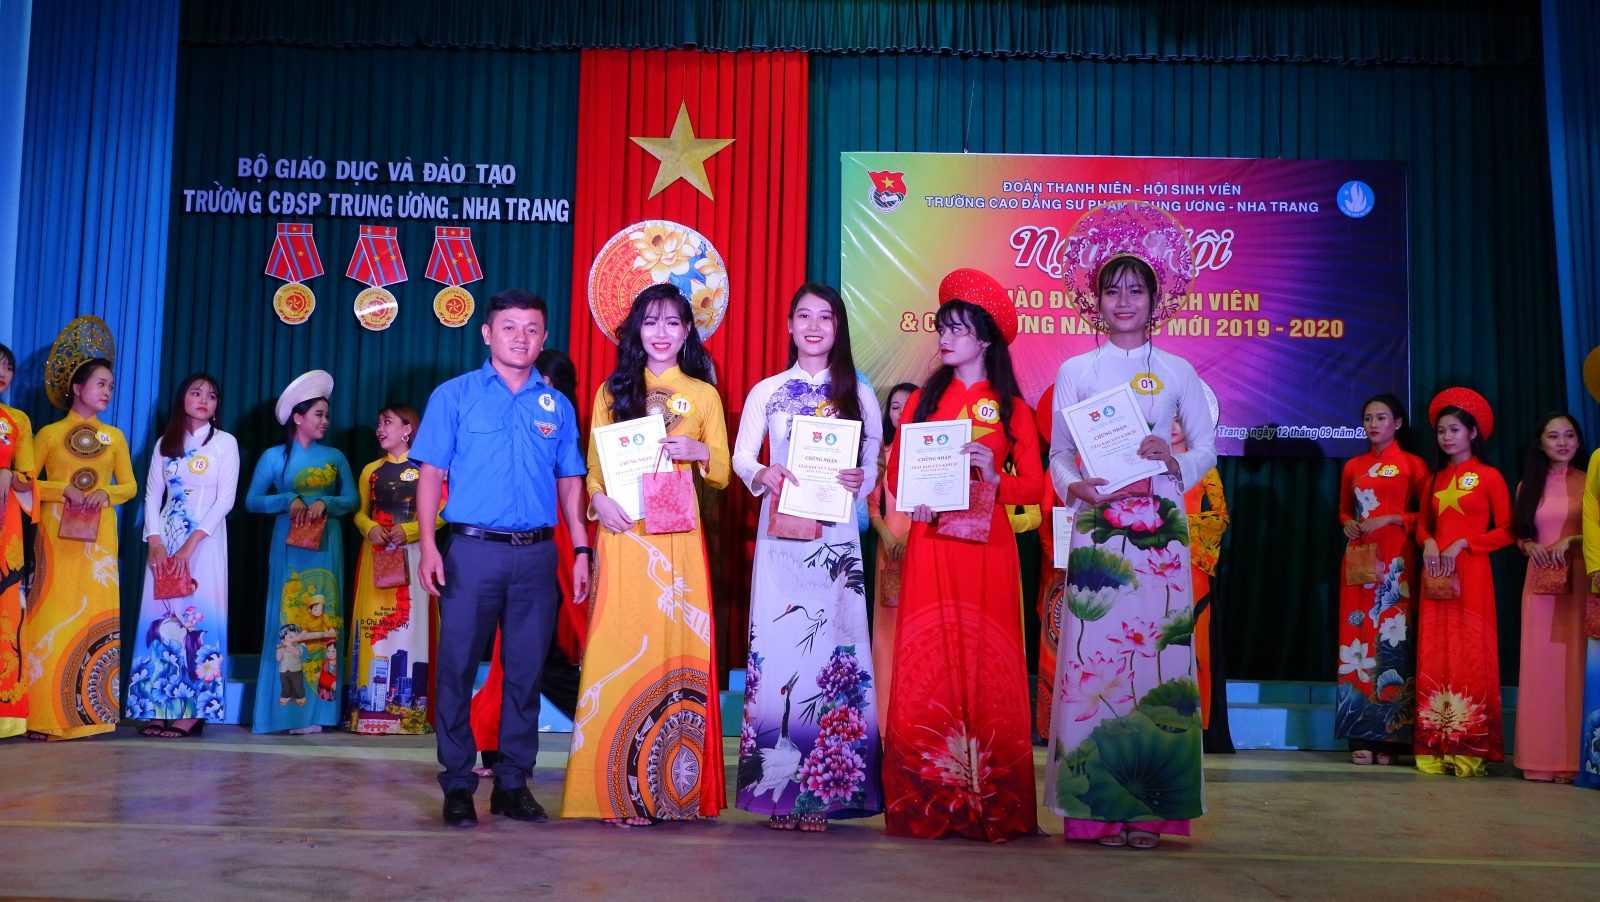 TRƯỜNG CĐSP TRUNG ƯƠNG NHA TRANG: Dạ hội chào tân sinh viên và chào mừng Năm học mới 2019 - 2020 15